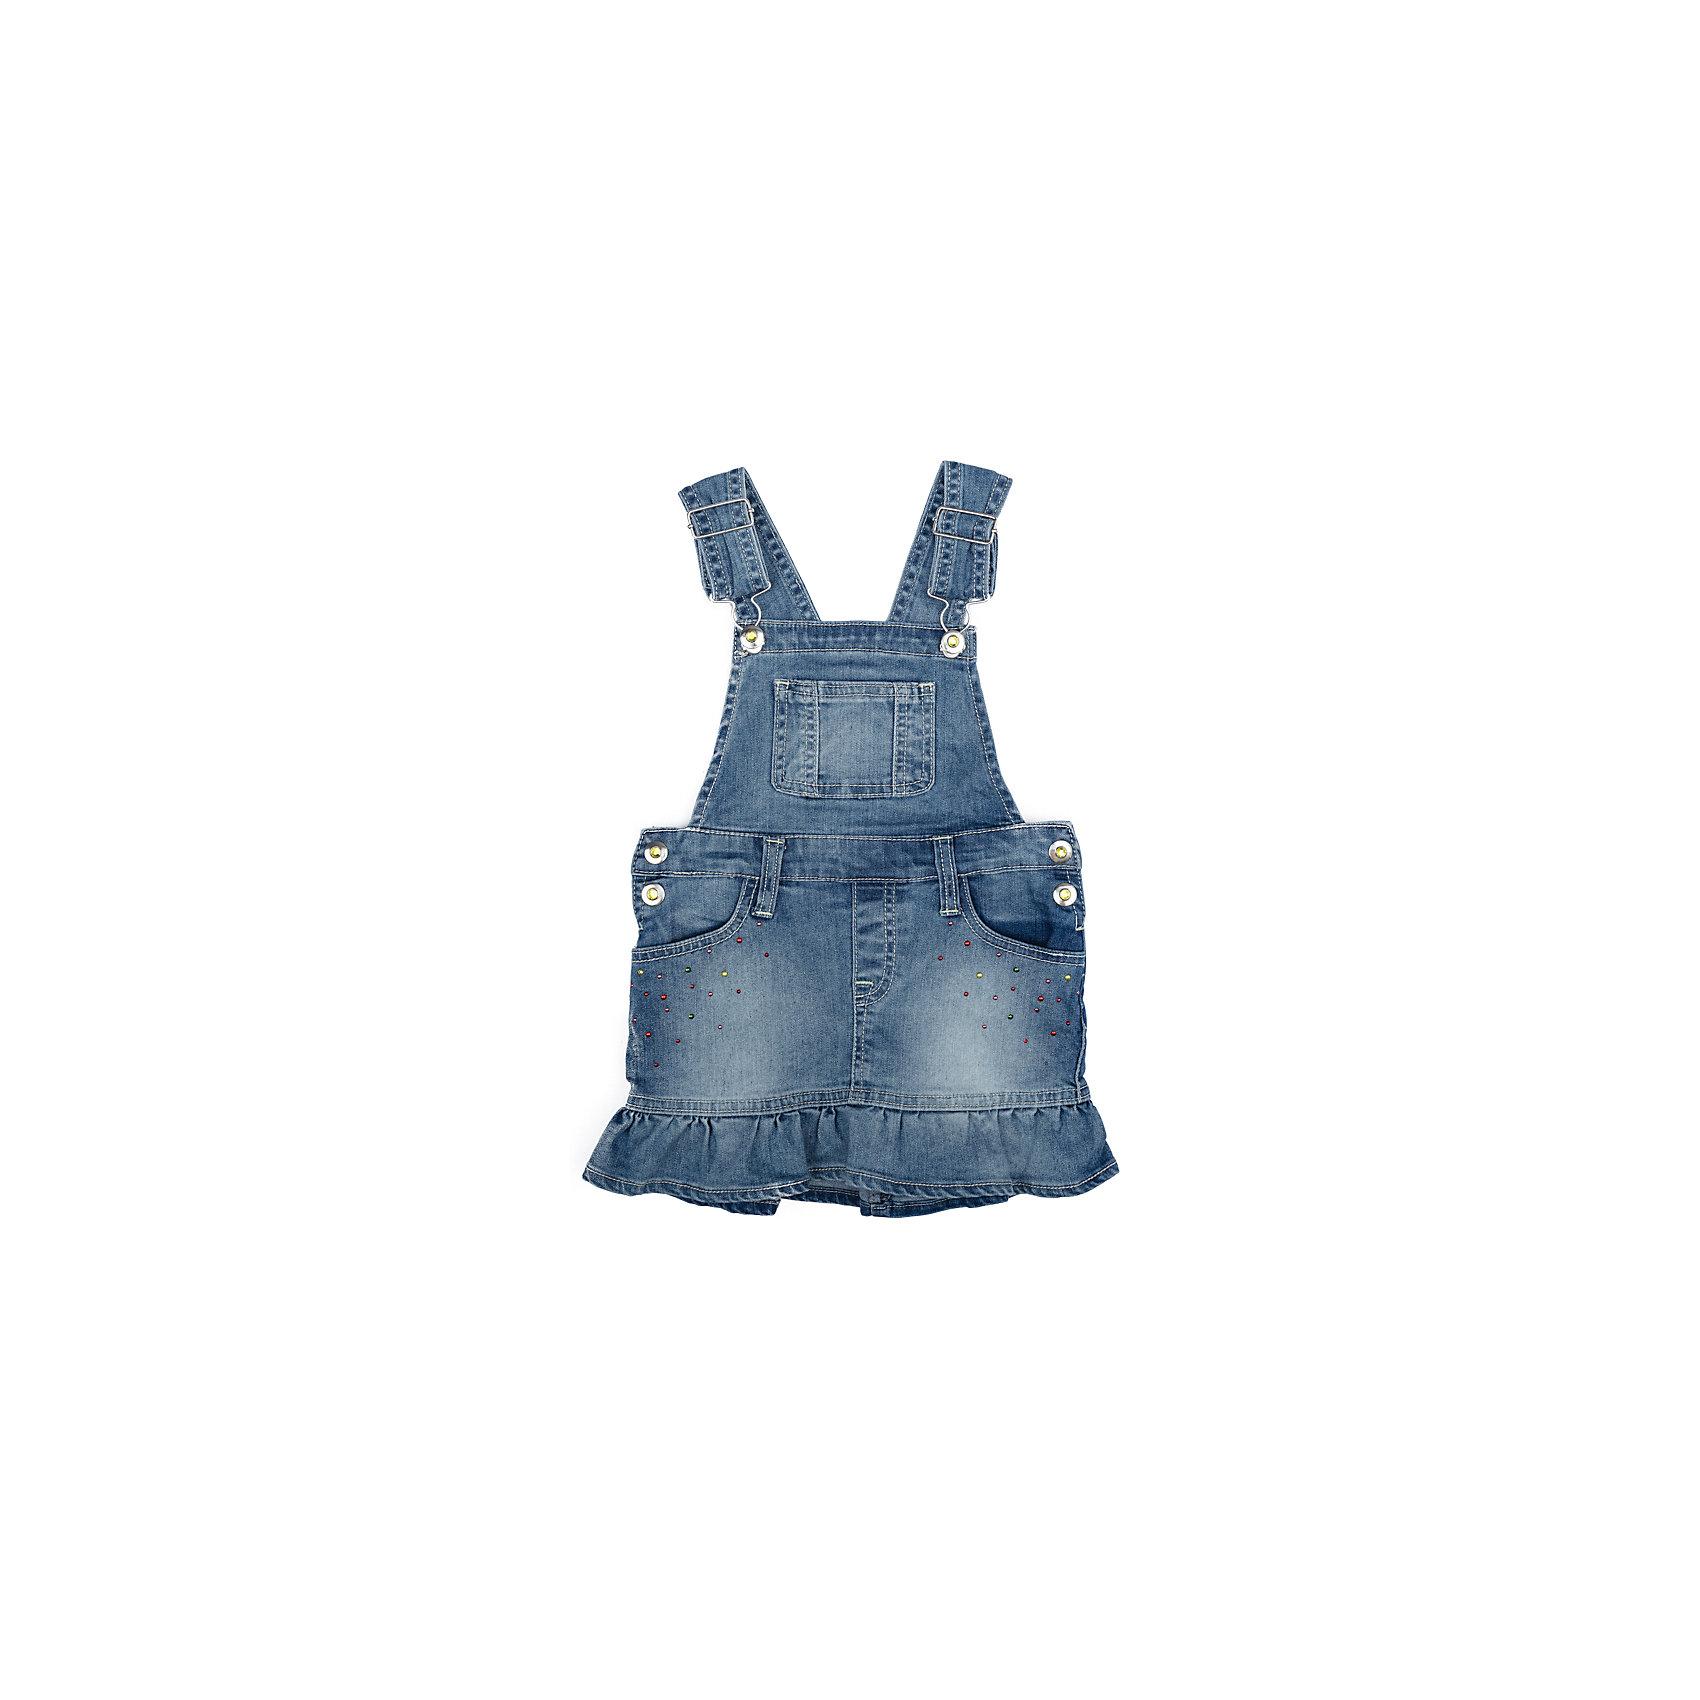 Сарафан джинсовый для девочки PlayTodayДжинсовая одежда<br>Сарафан джинсовый для девочки PlayToday<br>Эффектный сарафан из натуральной джинсовой ткани с эффектом потертости сможет быть одной из базовоых вещей с детском гардеробе. Модель на широких бретелях, с удобными застежками - болтами. Сарафан декорирован яркими истразами и мягкой складкой, дающей эффект юбочки.<br>Состав:<br>78% хлопок, 20% полиэстер, 2% эластан<br><br>Ширина мм: 236<br>Глубина мм: 16<br>Высота мм: 184<br>Вес г: 177<br>Цвет: голубой<br>Возраст от месяцев: 84<br>Возраст до месяцев: 96<br>Пол: Женский<br>Возраст: Детский<br>Размер: 128,98,104,110,116,122<br>SKU: 5404403